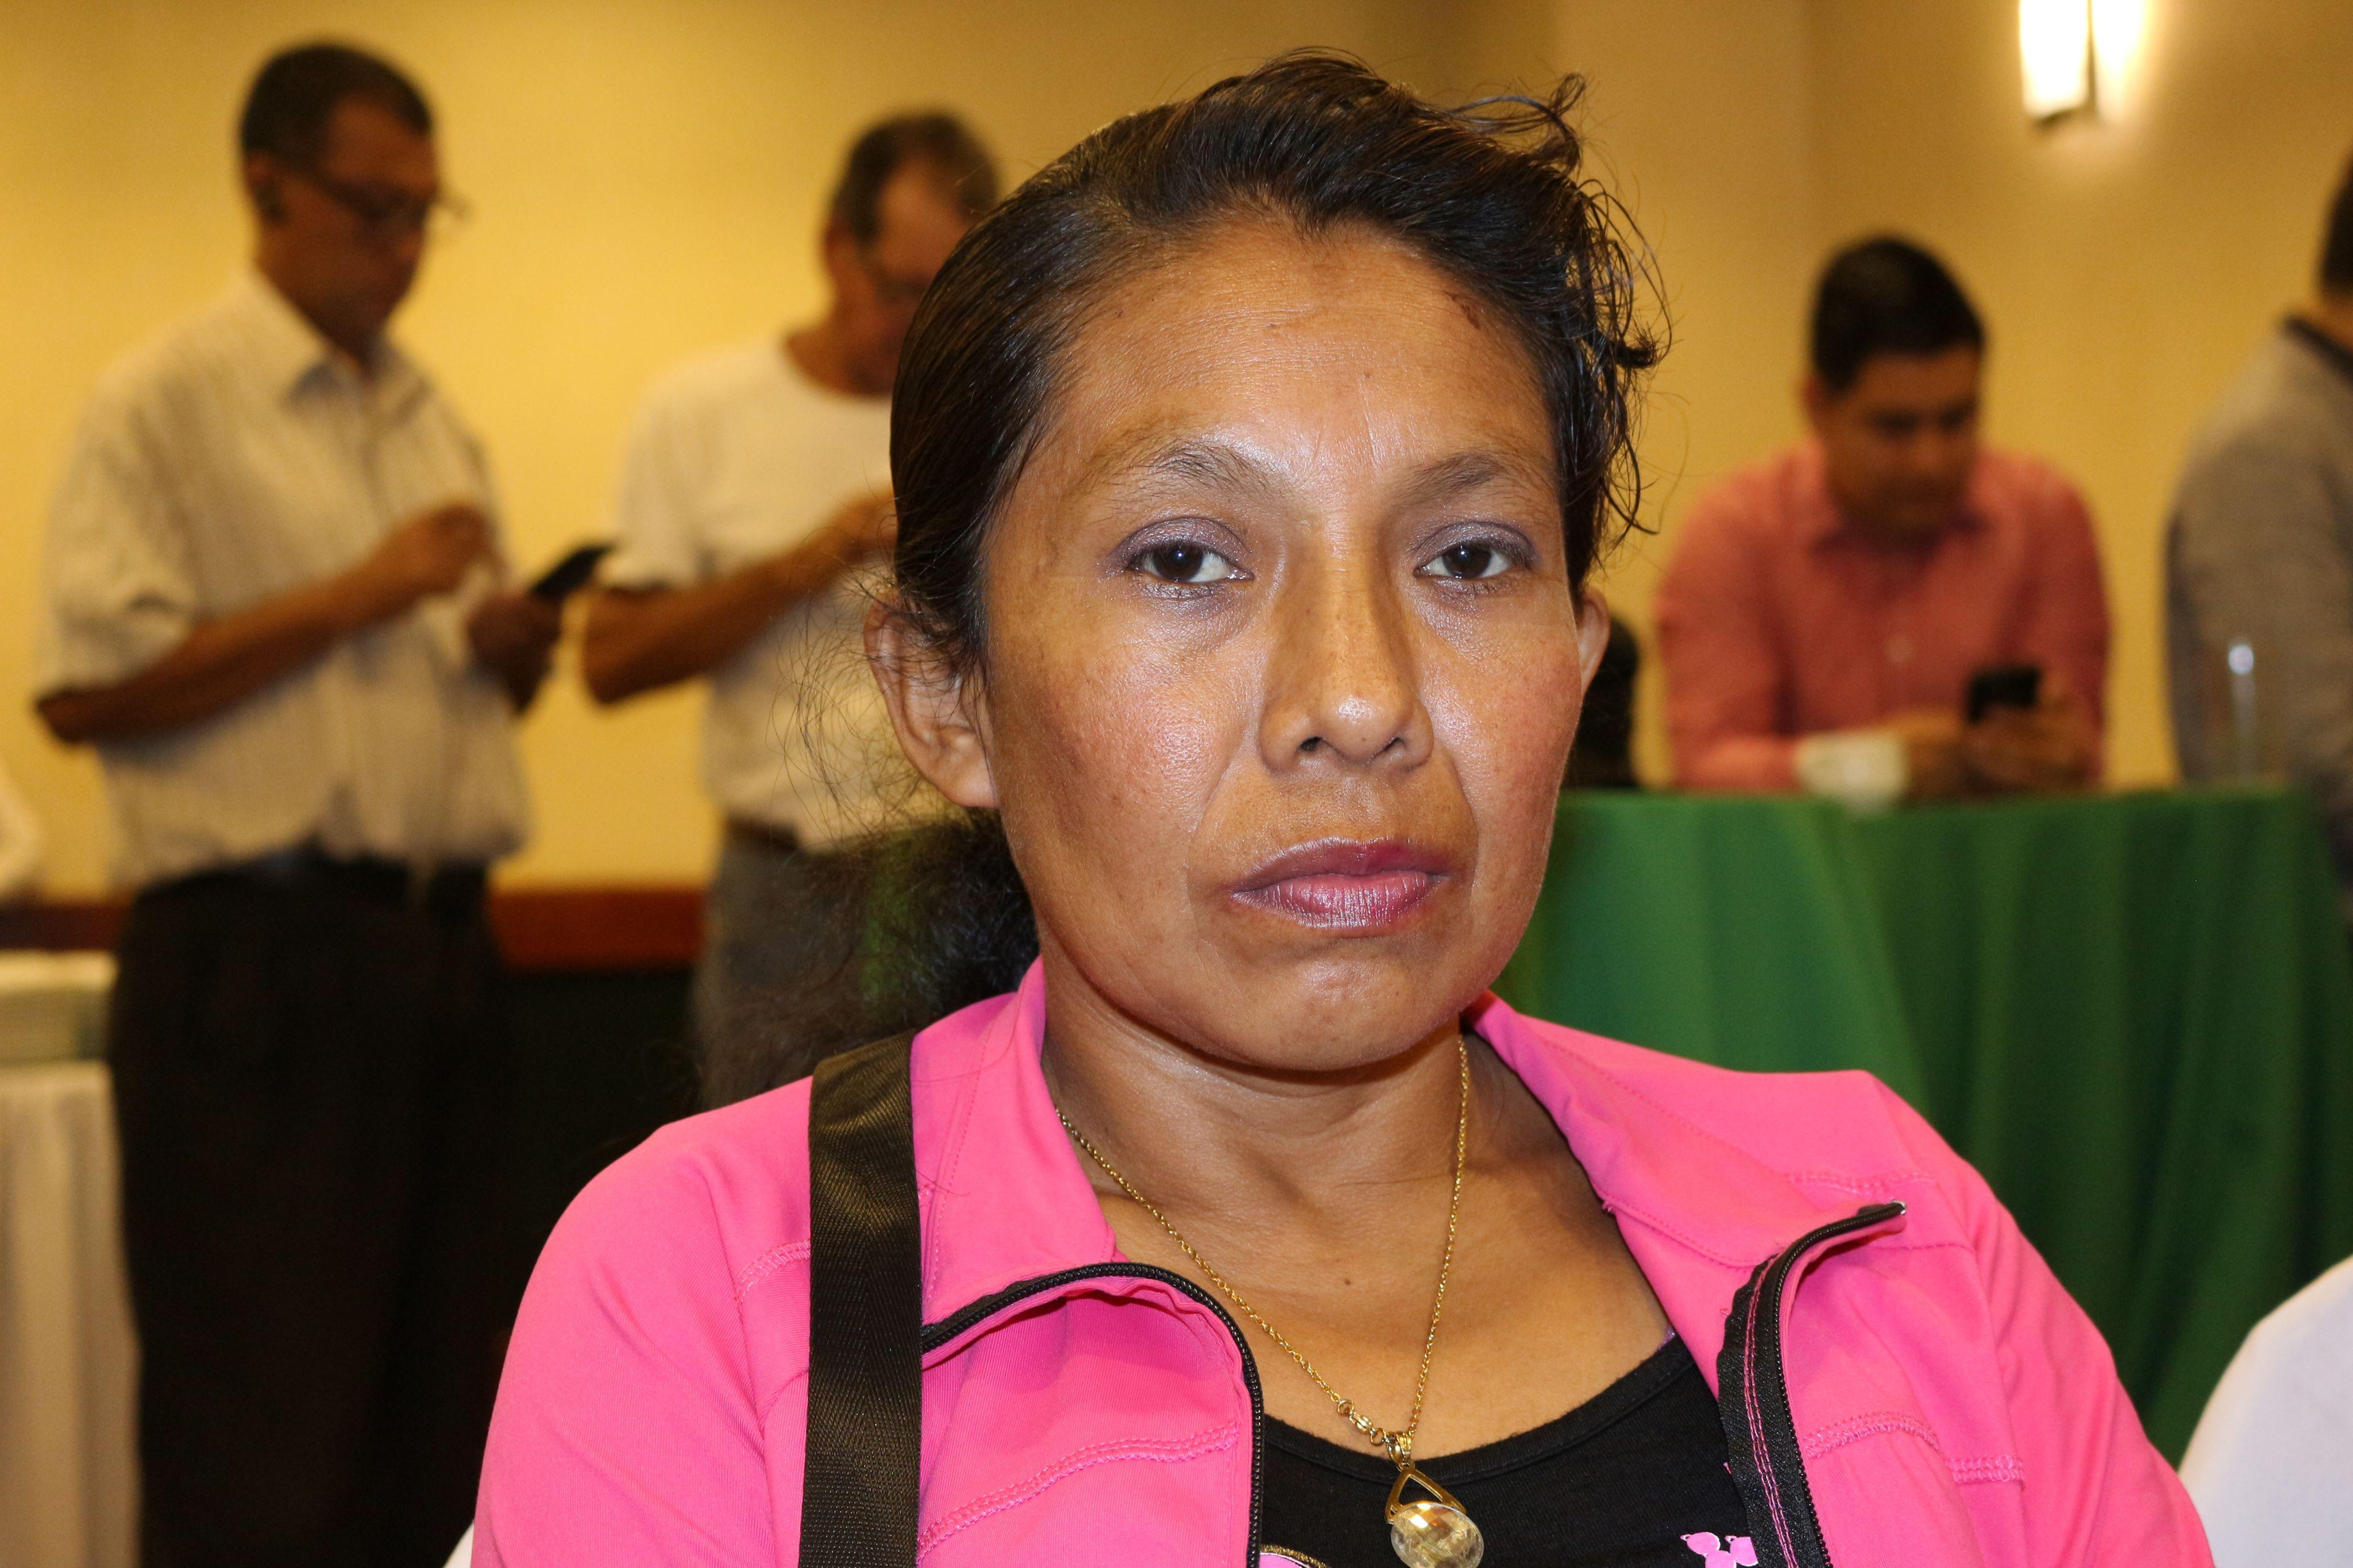 La Comisión interamericana de Derechos Humanos otorga medidas cautelares a Elea Valle. Fotografía: Artículo66/Abixael MG